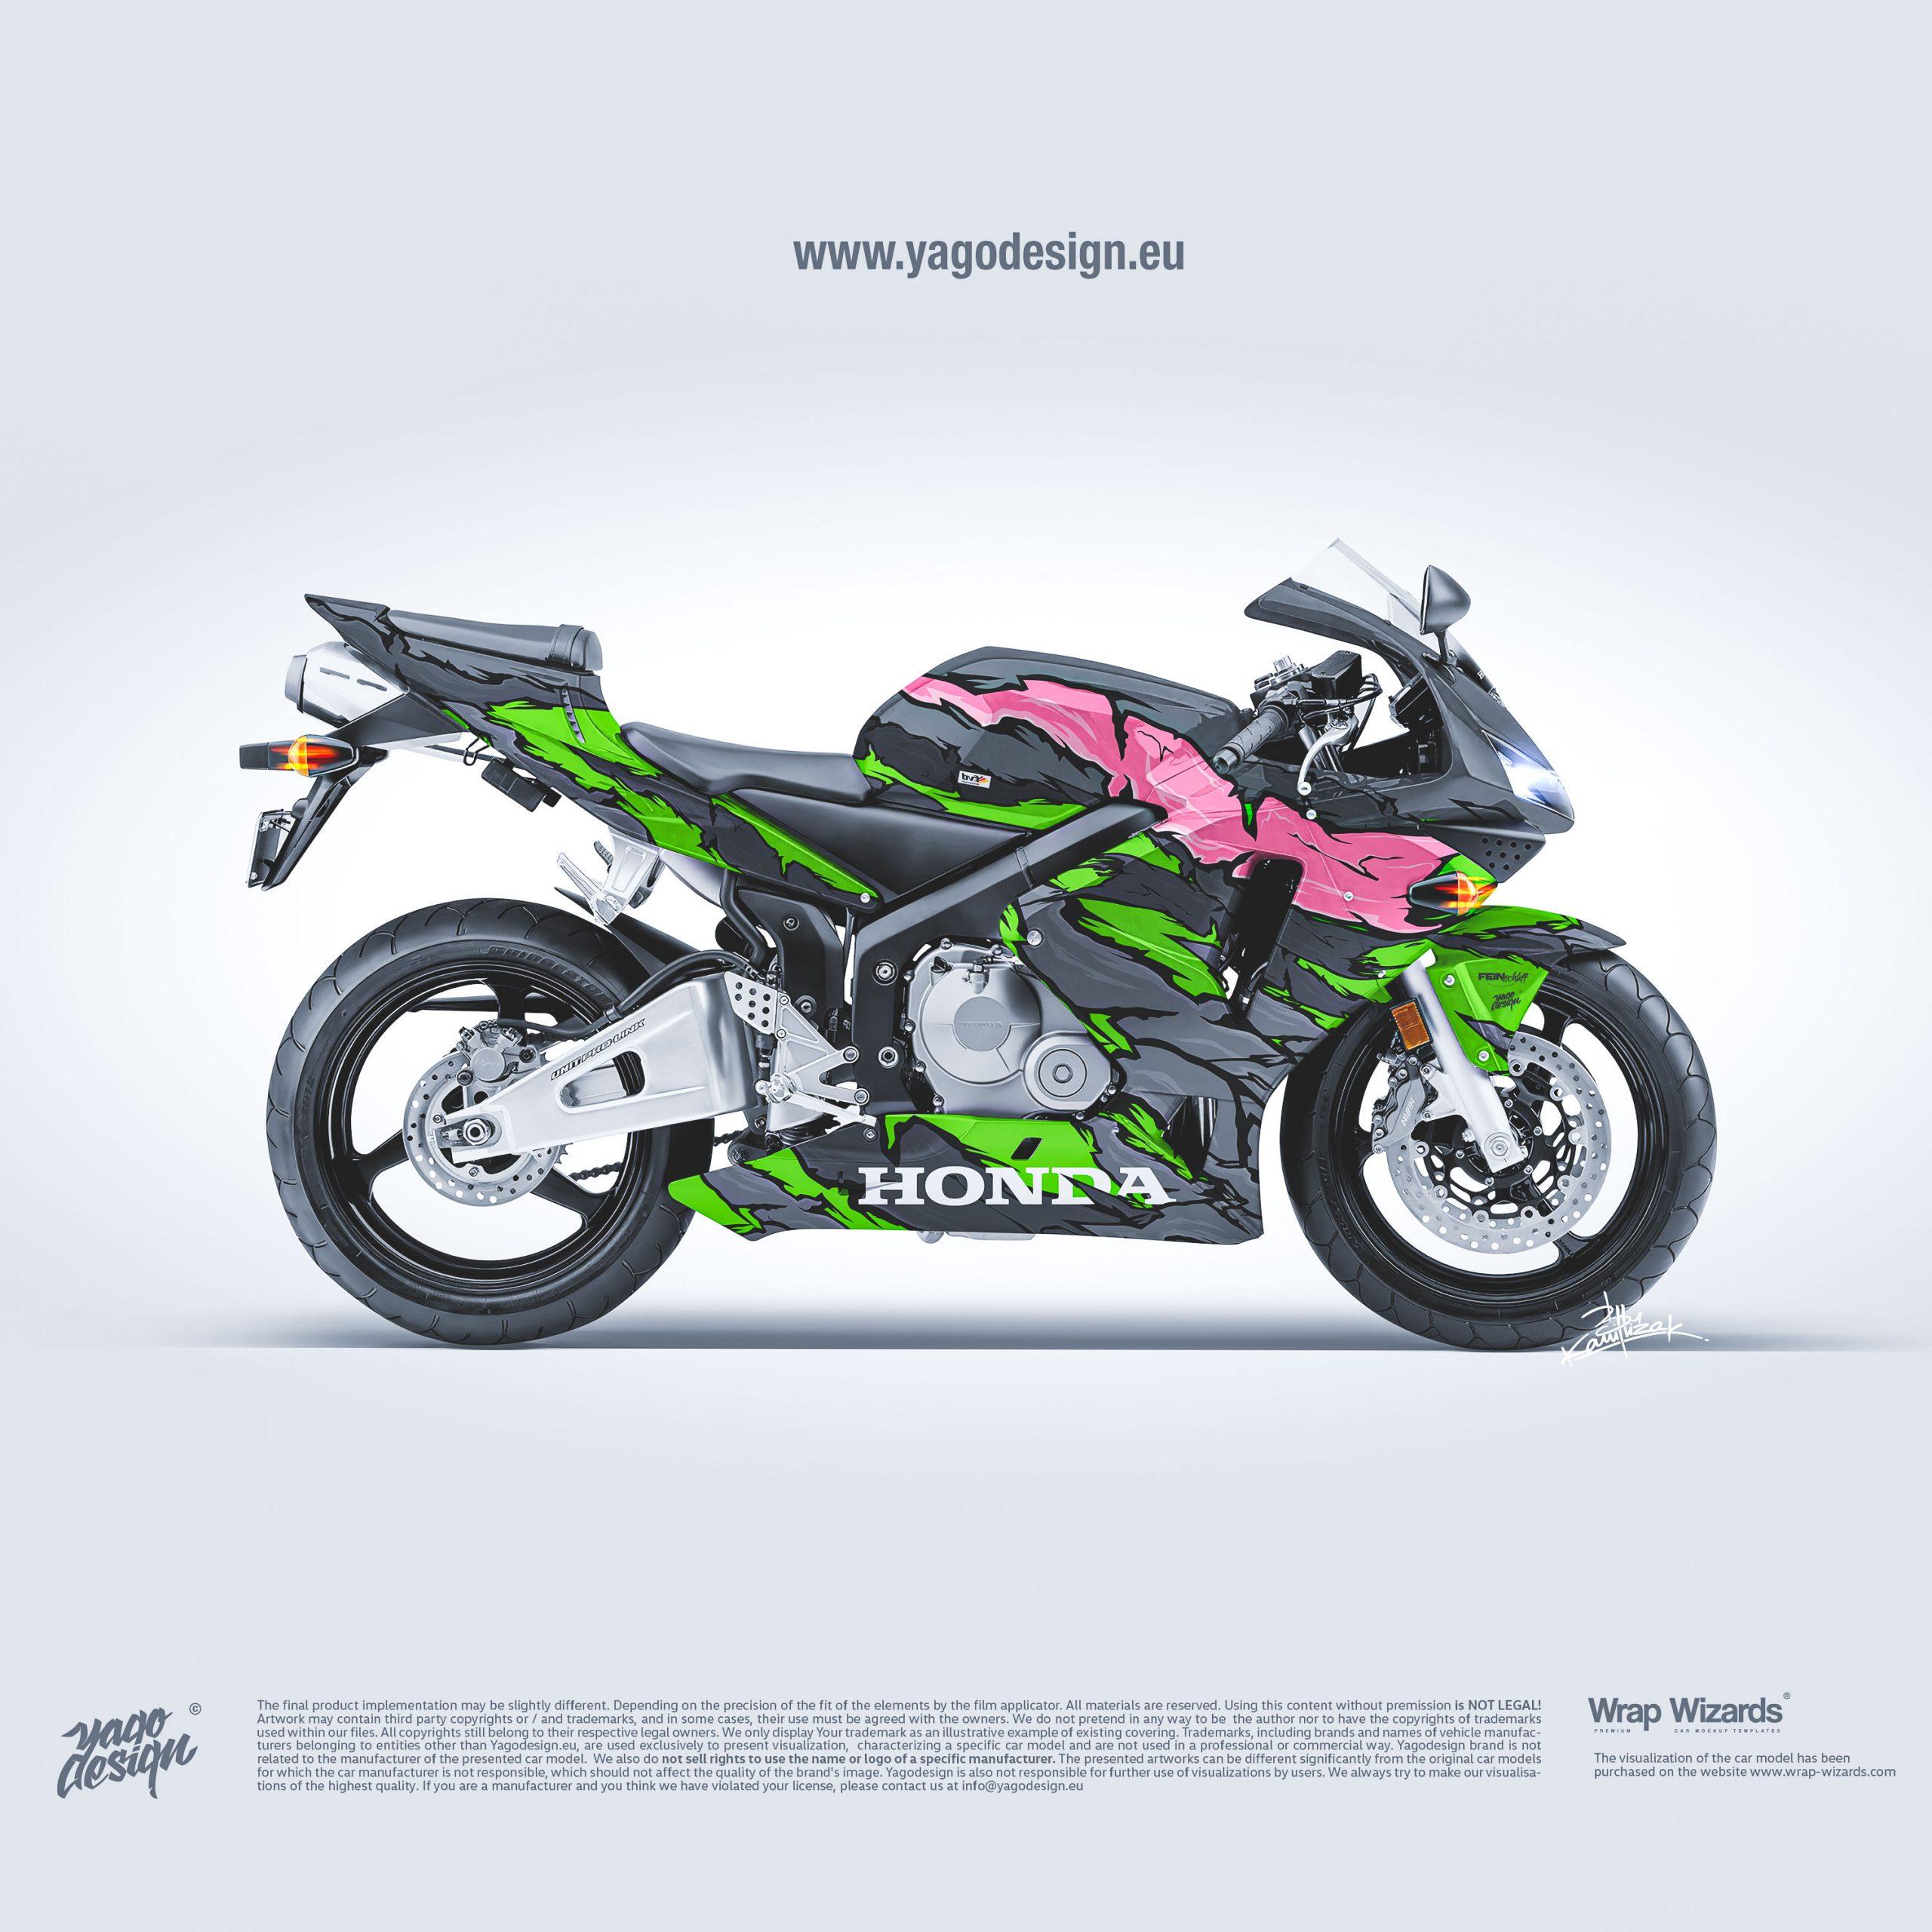 HONDA-CBR-600-RR-2004